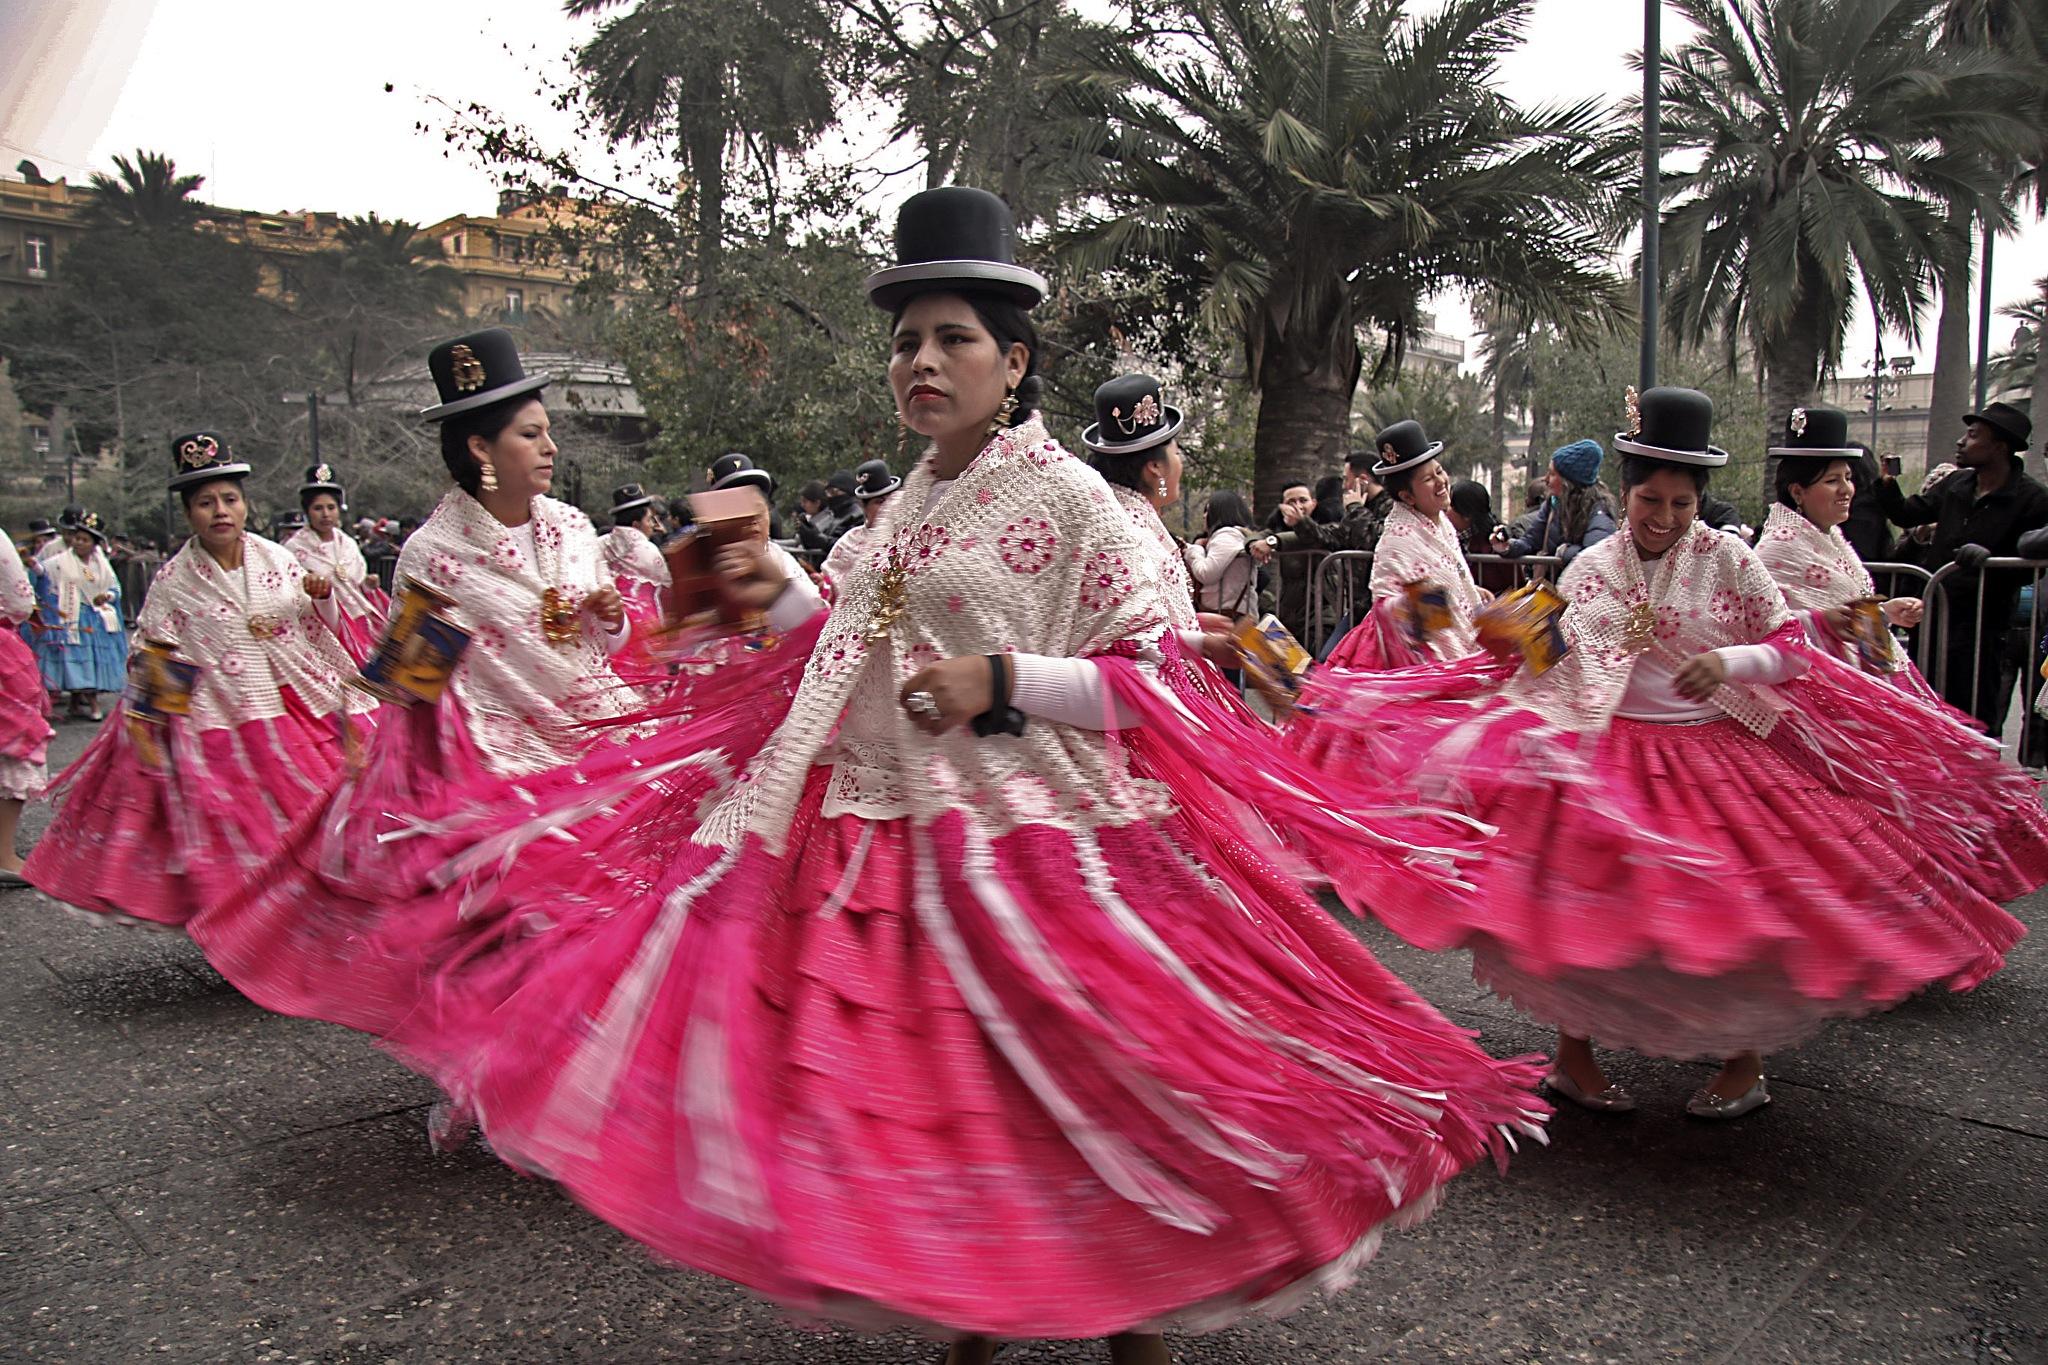 Día de Bolivia  by Colectivo Flashderelleno